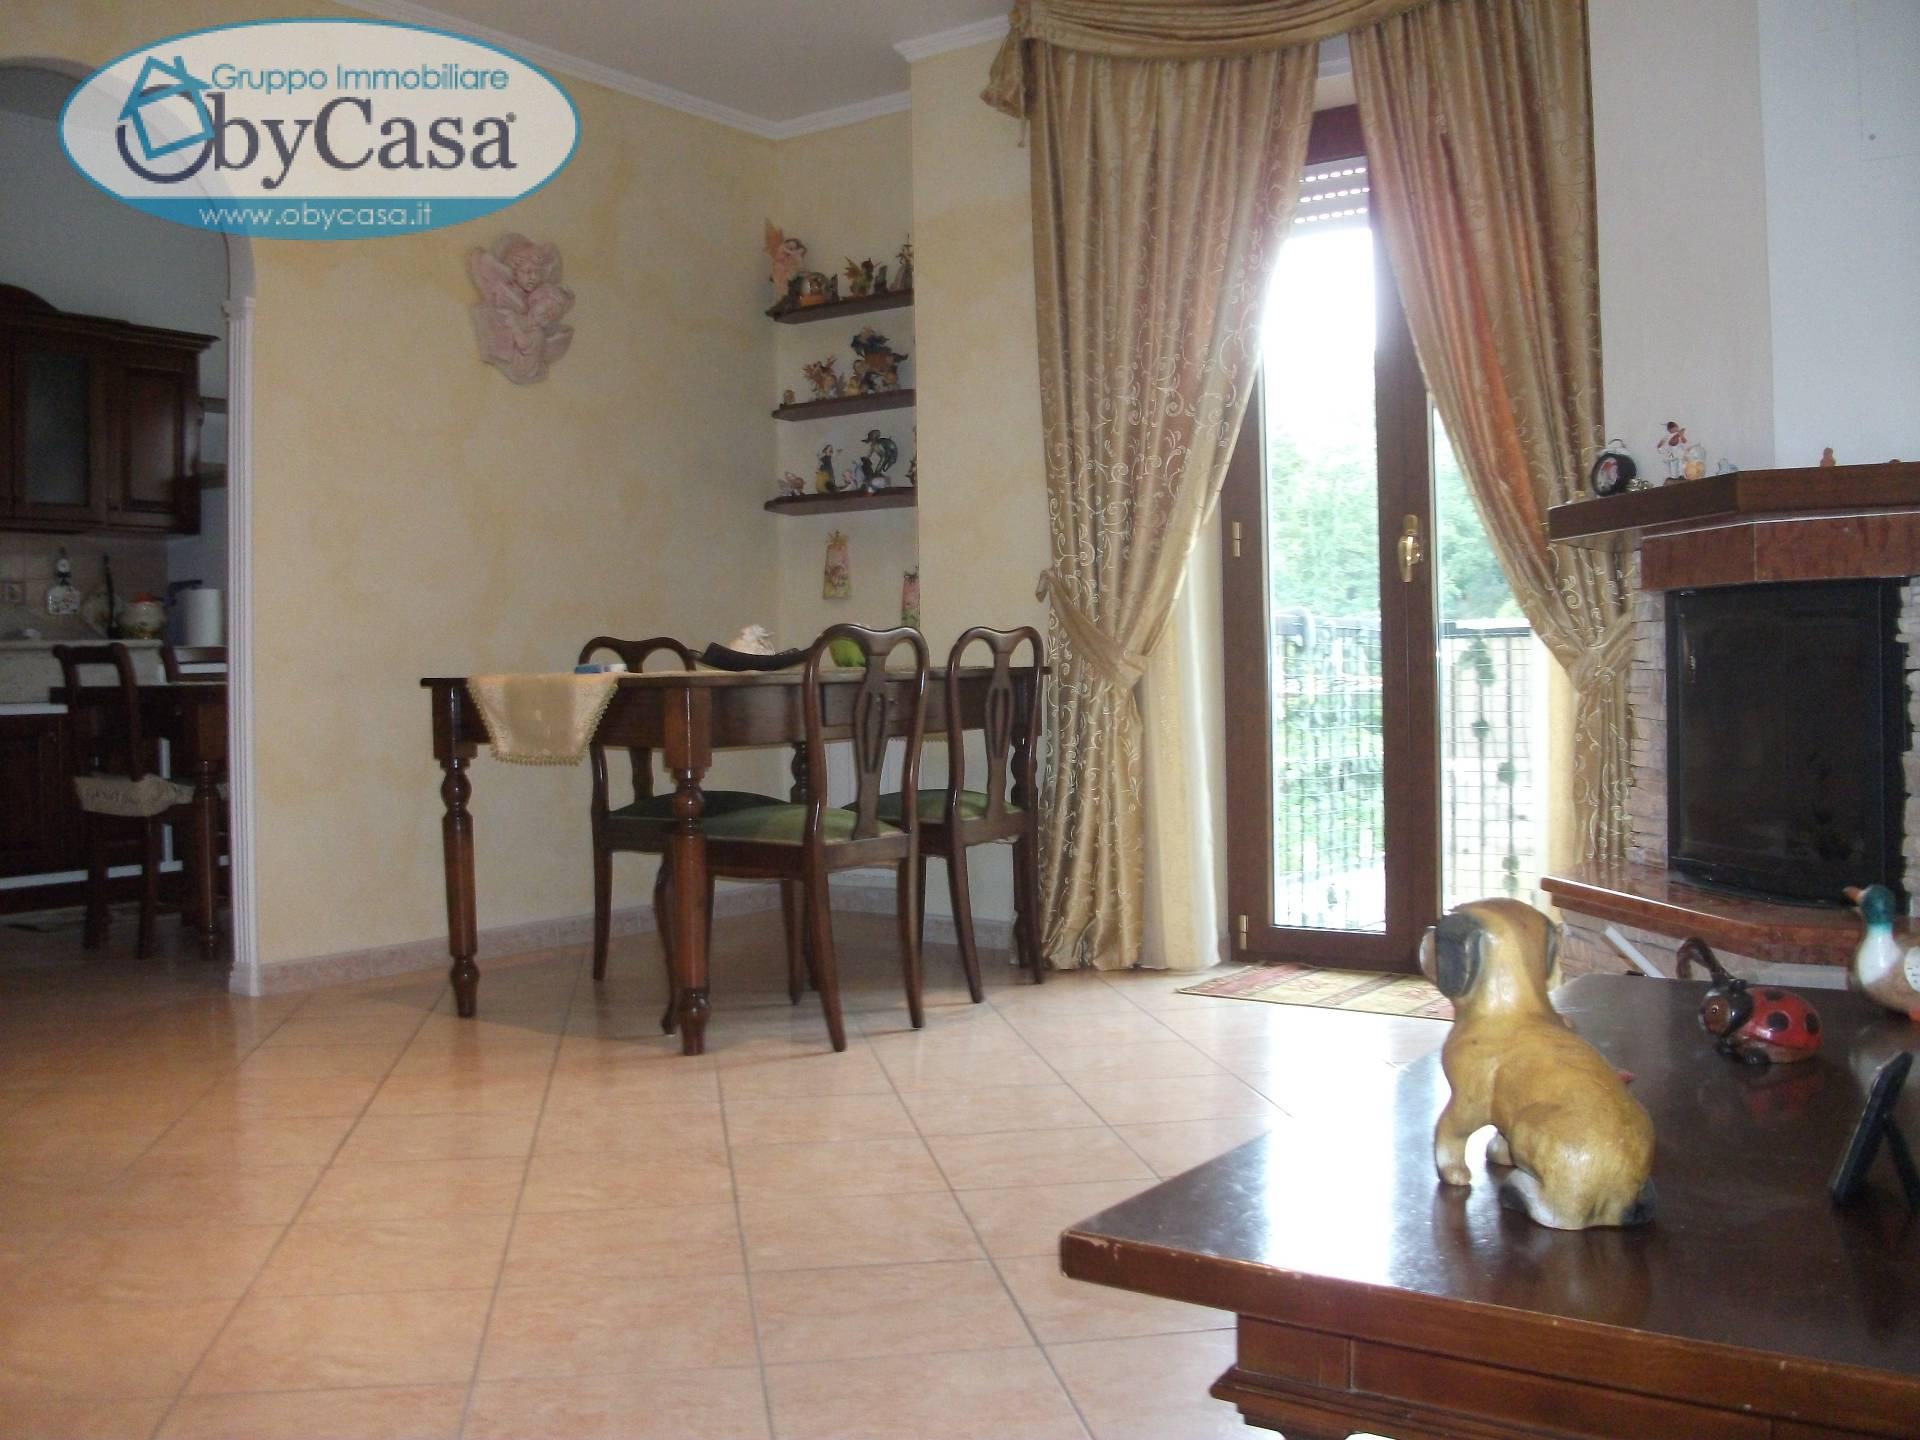 Appartamento in vendita a Barbarano Romano, 4 locali, prezzo € 99.000 | Cambio Casa.it